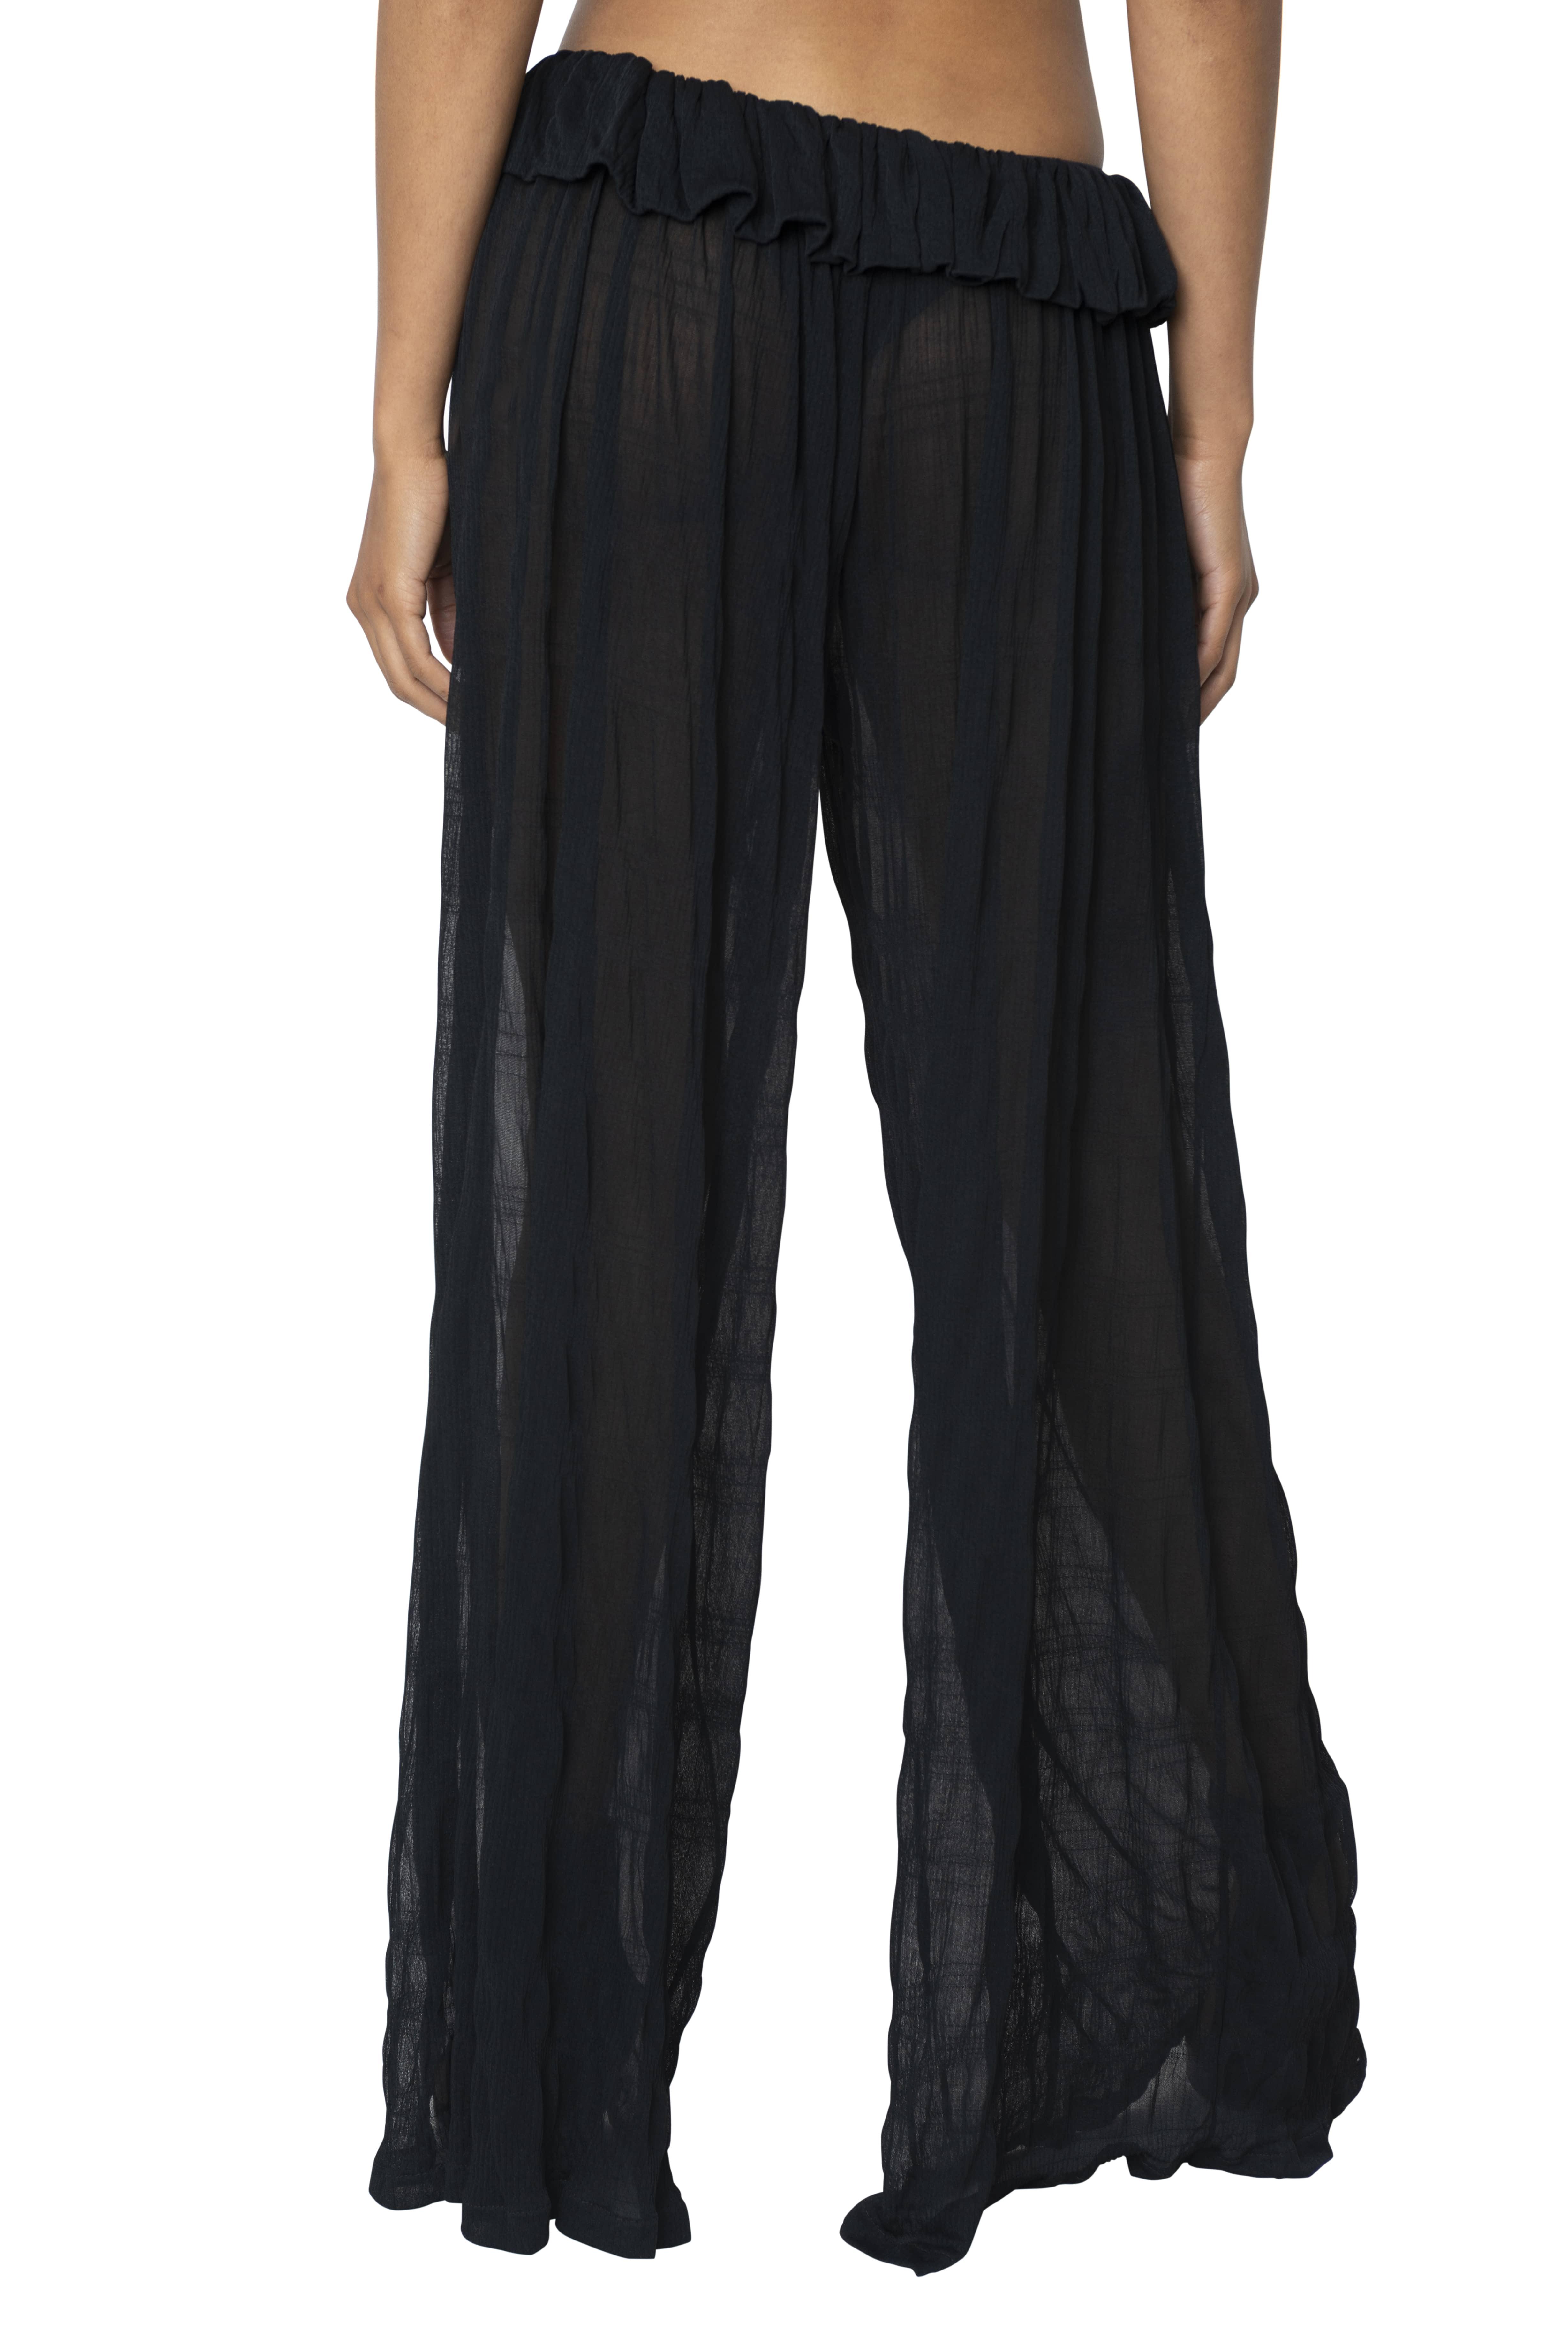 Trousers AÇAFRÃO I 2